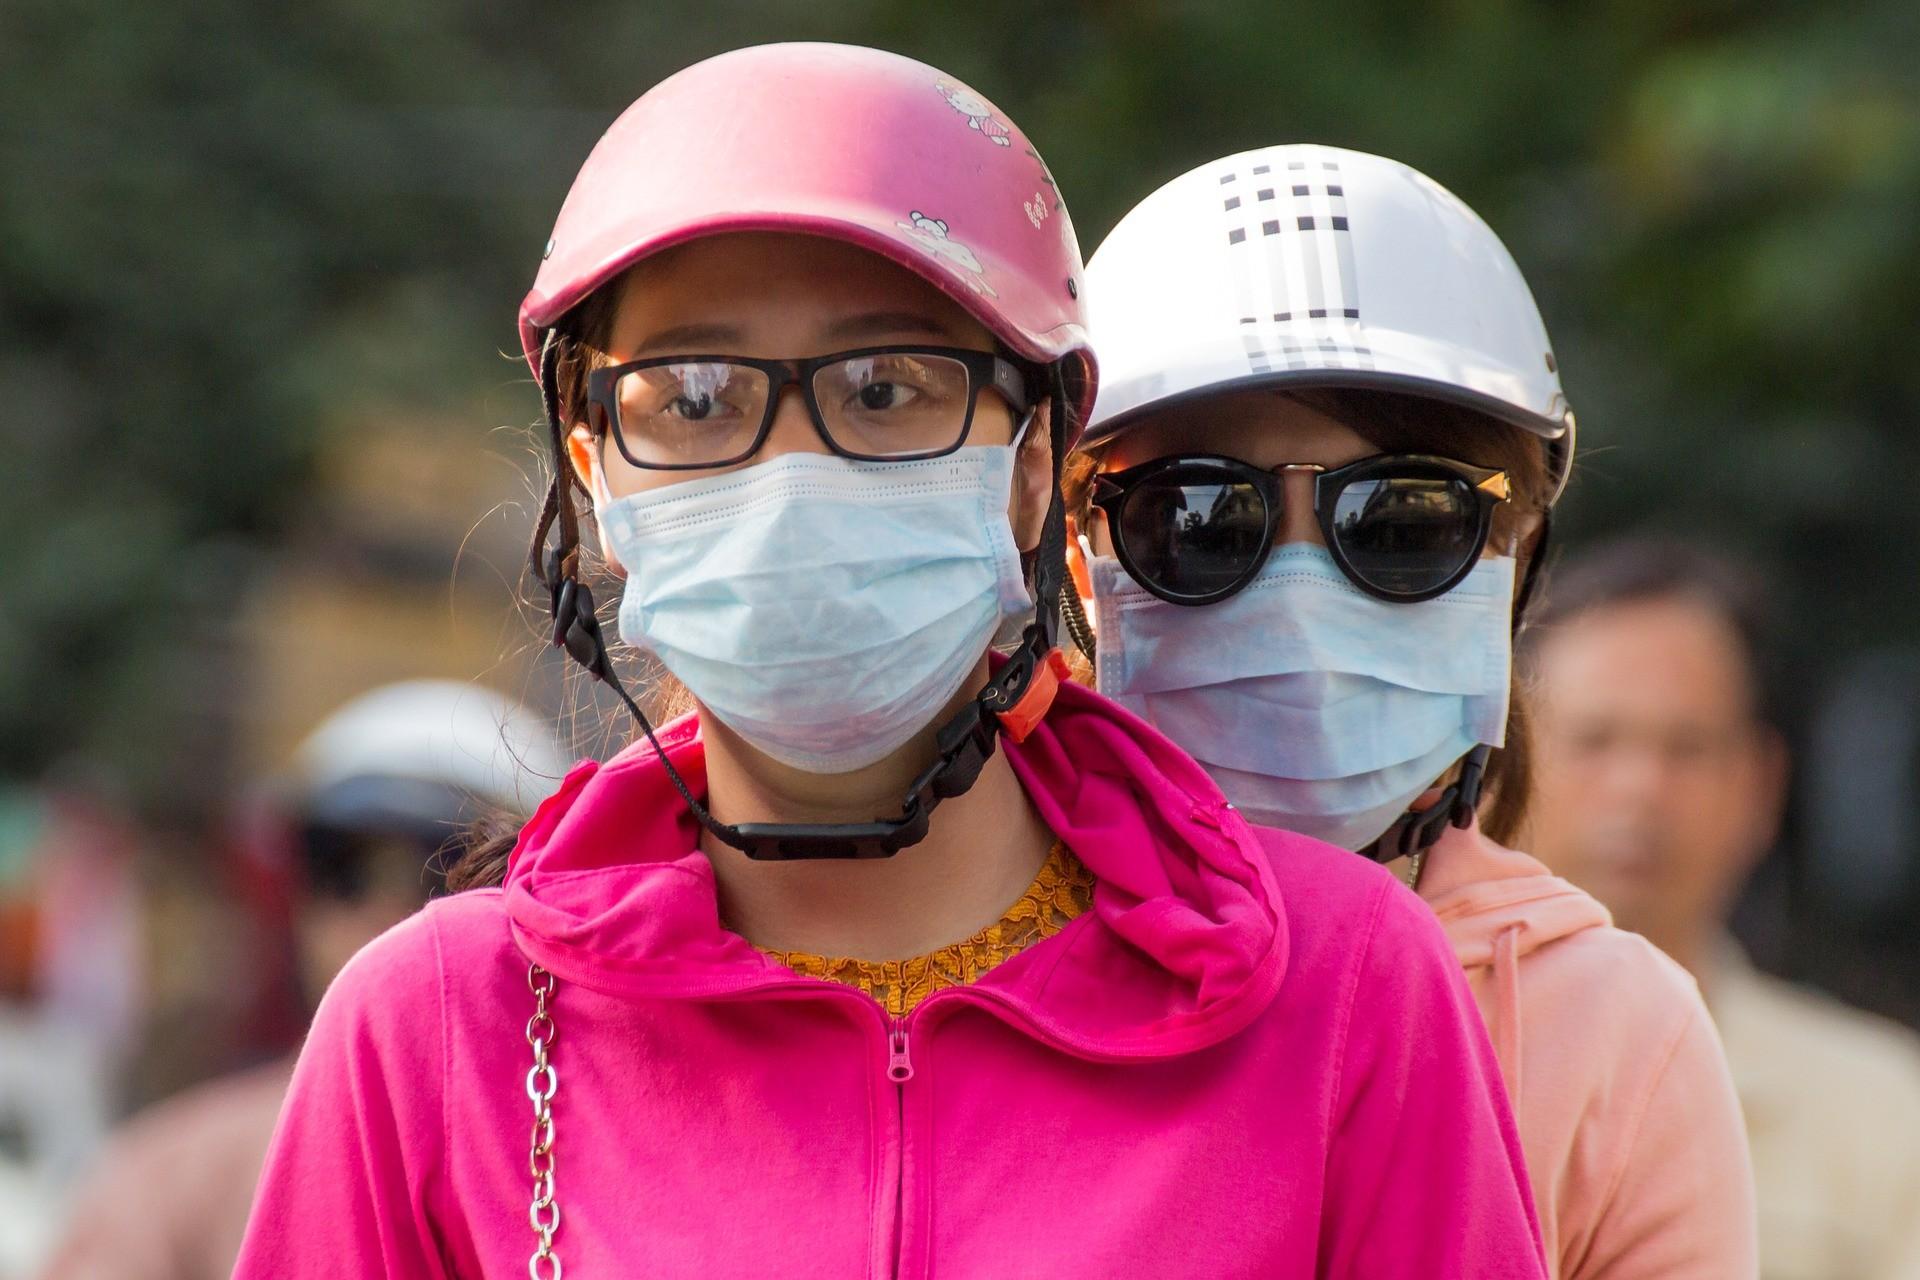 em 2015, 803.000 mortes prematuras e evitáveis aconteceram em 21 países asiáticos foram devido a poluição do ar (Foto: Creative Commons/Robert_z_Ziemi)